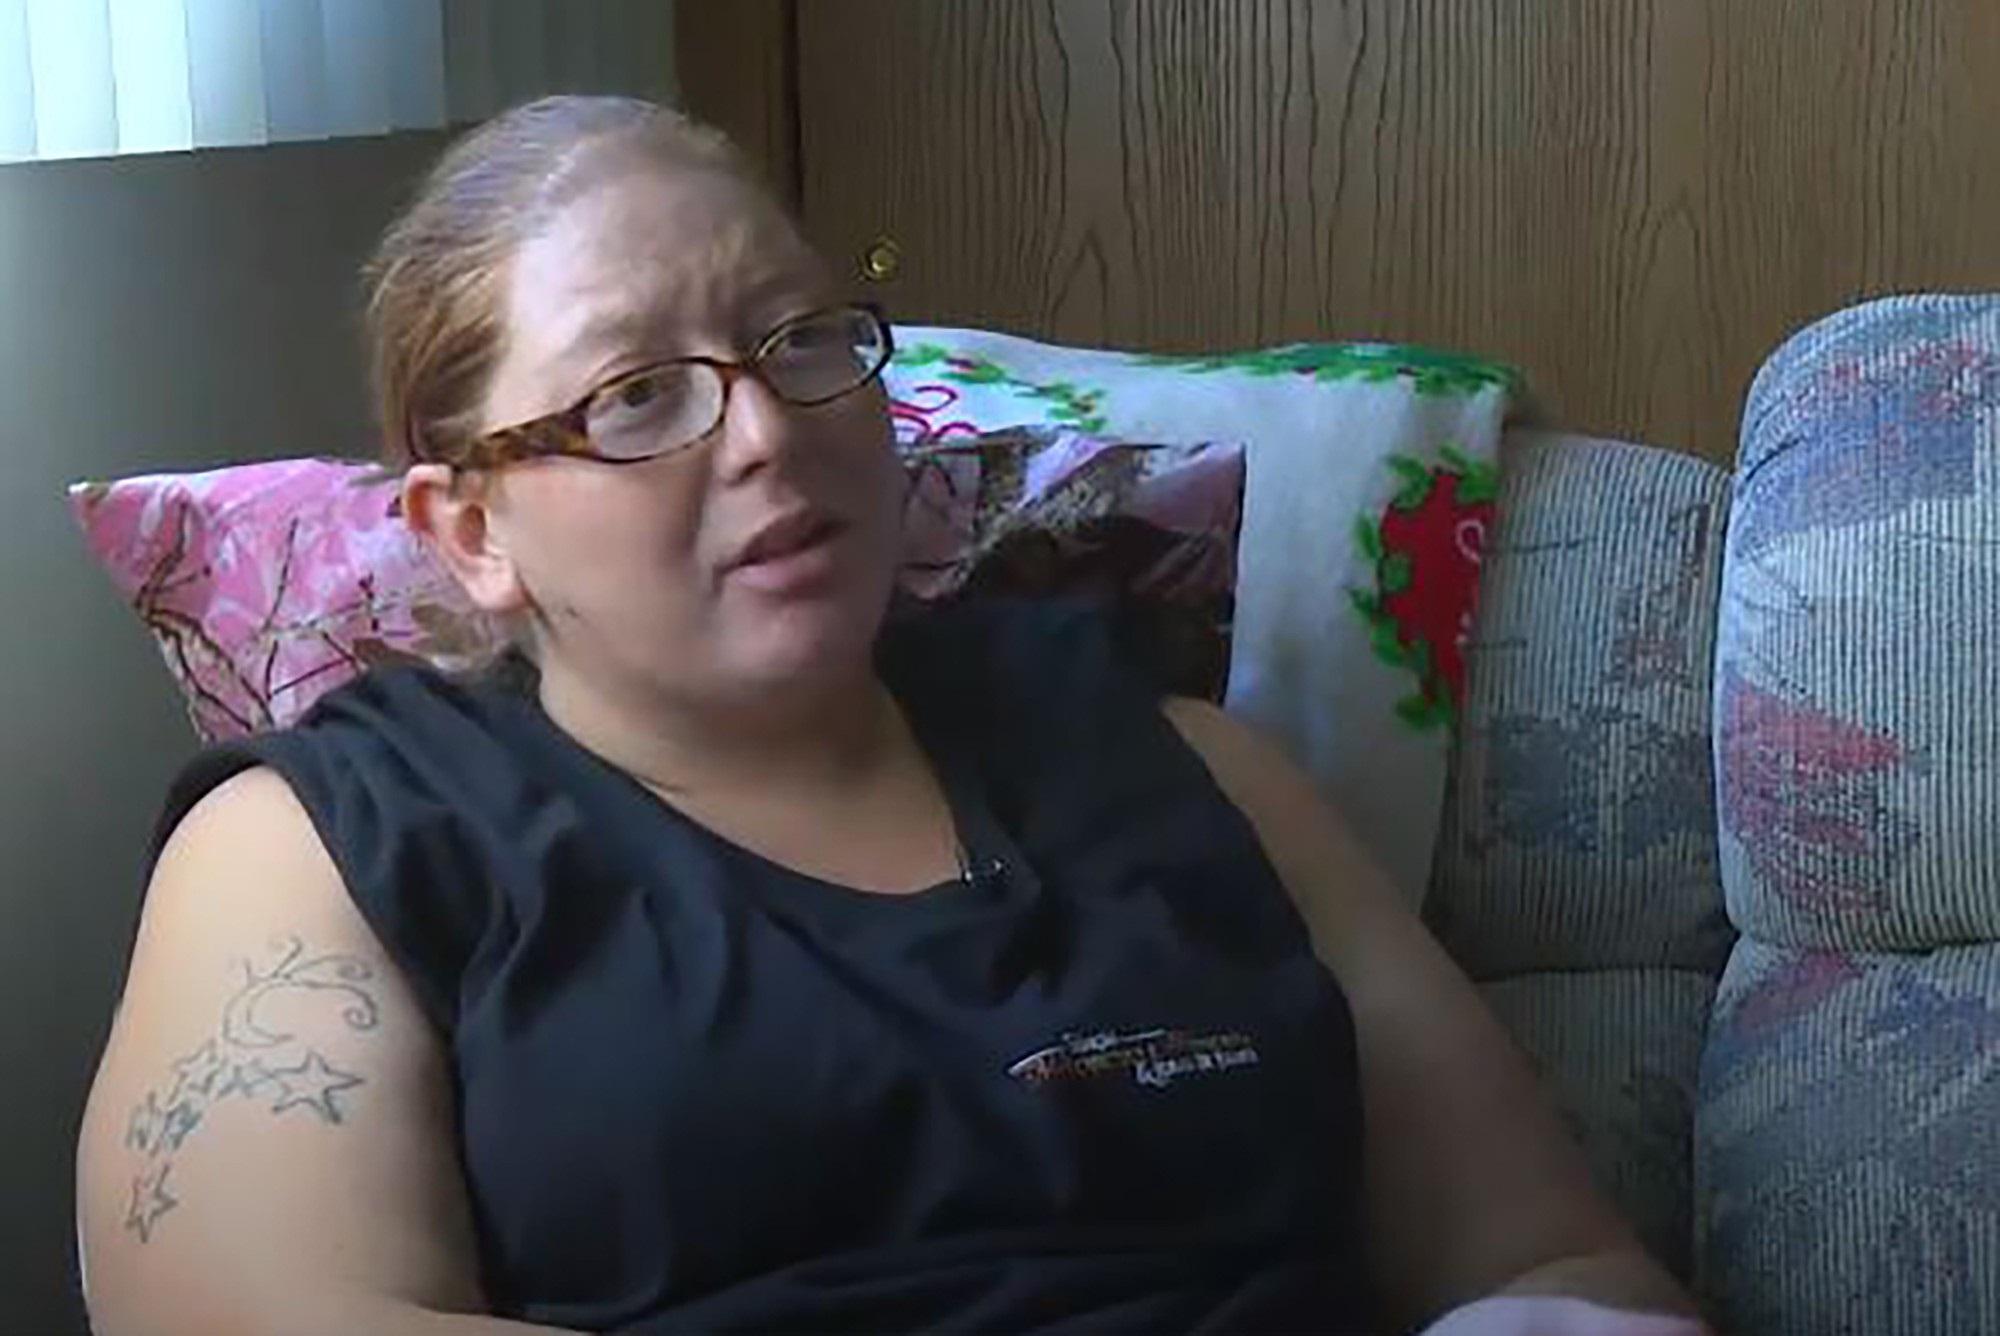 Đến viện mổ sỏi thận, bà mẹ sốc nặng khi được chẩn đoán mang thai đôi nhưng khi đẻ cả gia đình và ê-kíp bác sĩ ngỡ ngàng - Ảnh 1